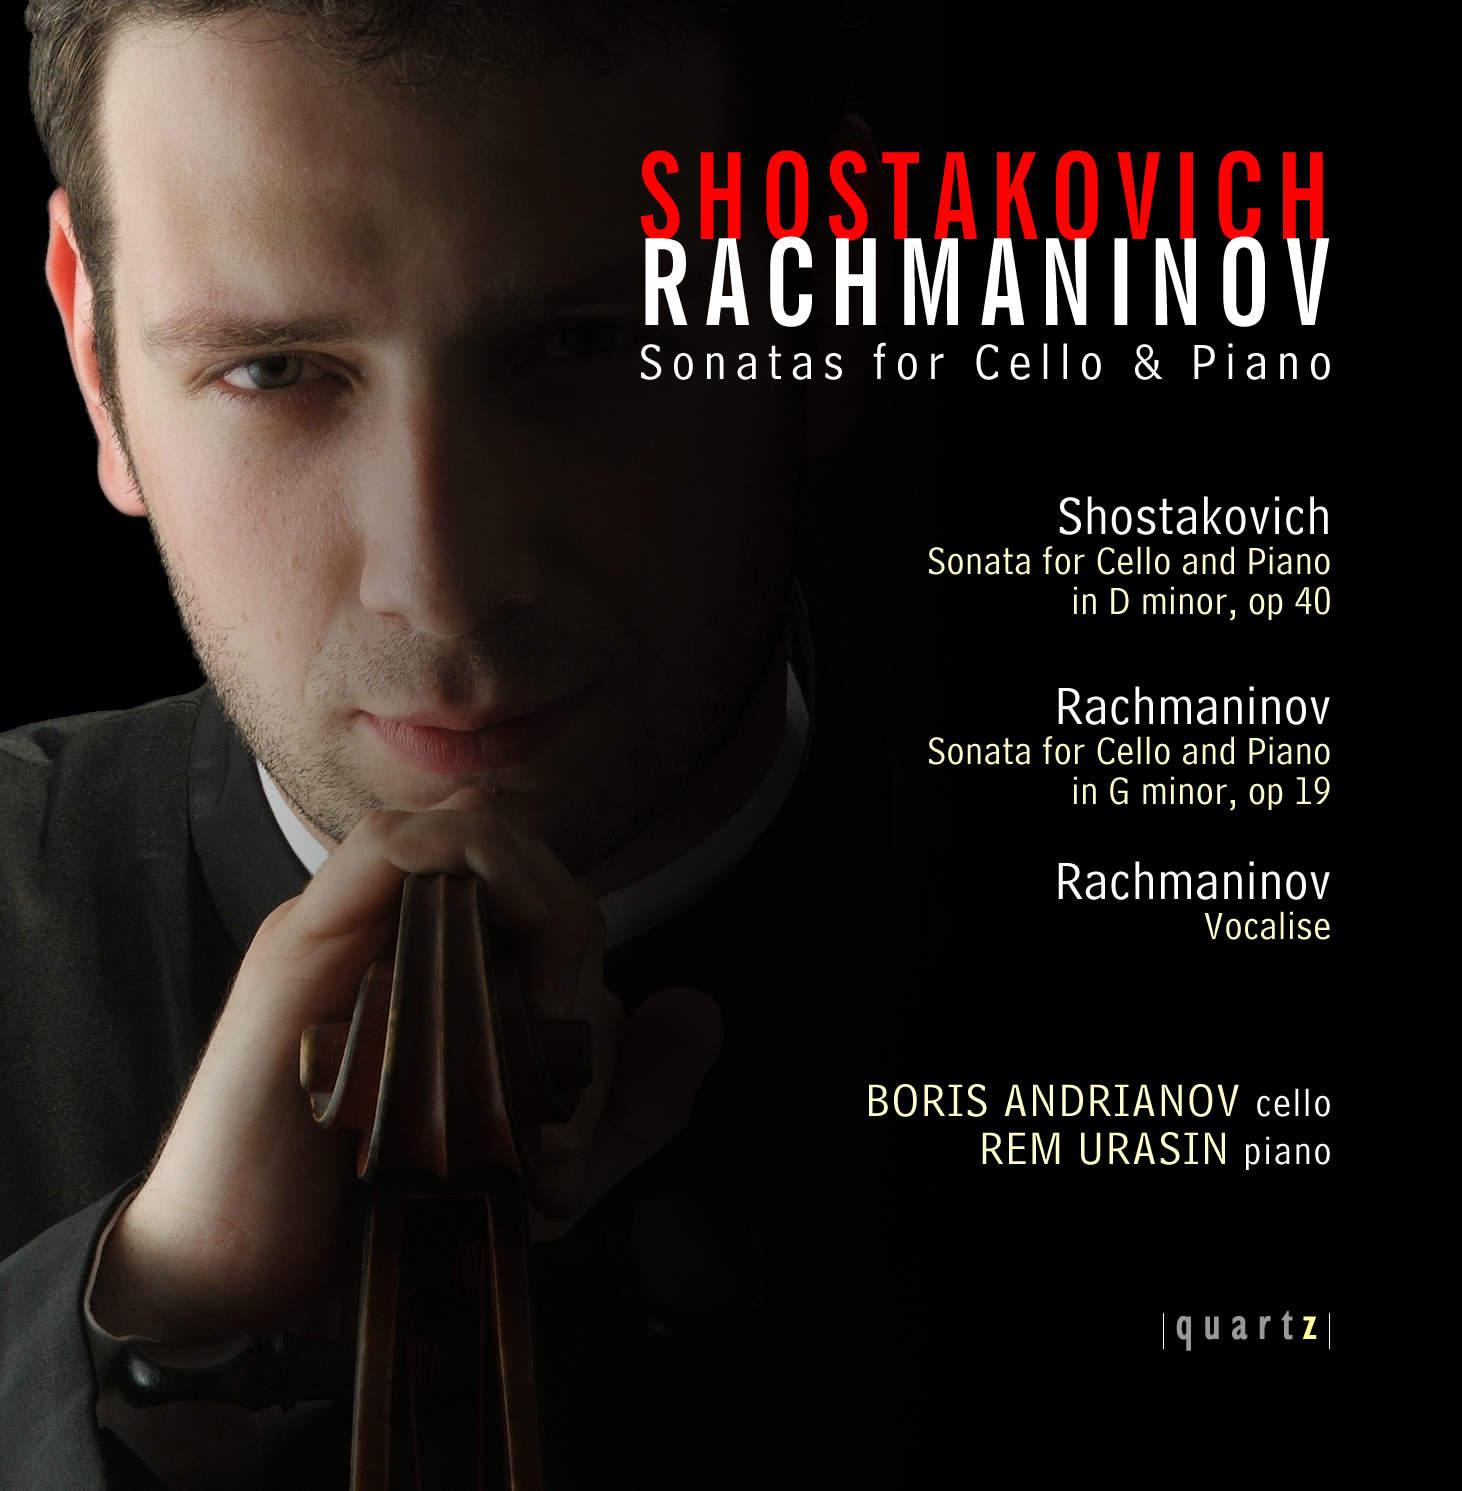 Boris Andrianov (cello) and Rem Urasin (piano)